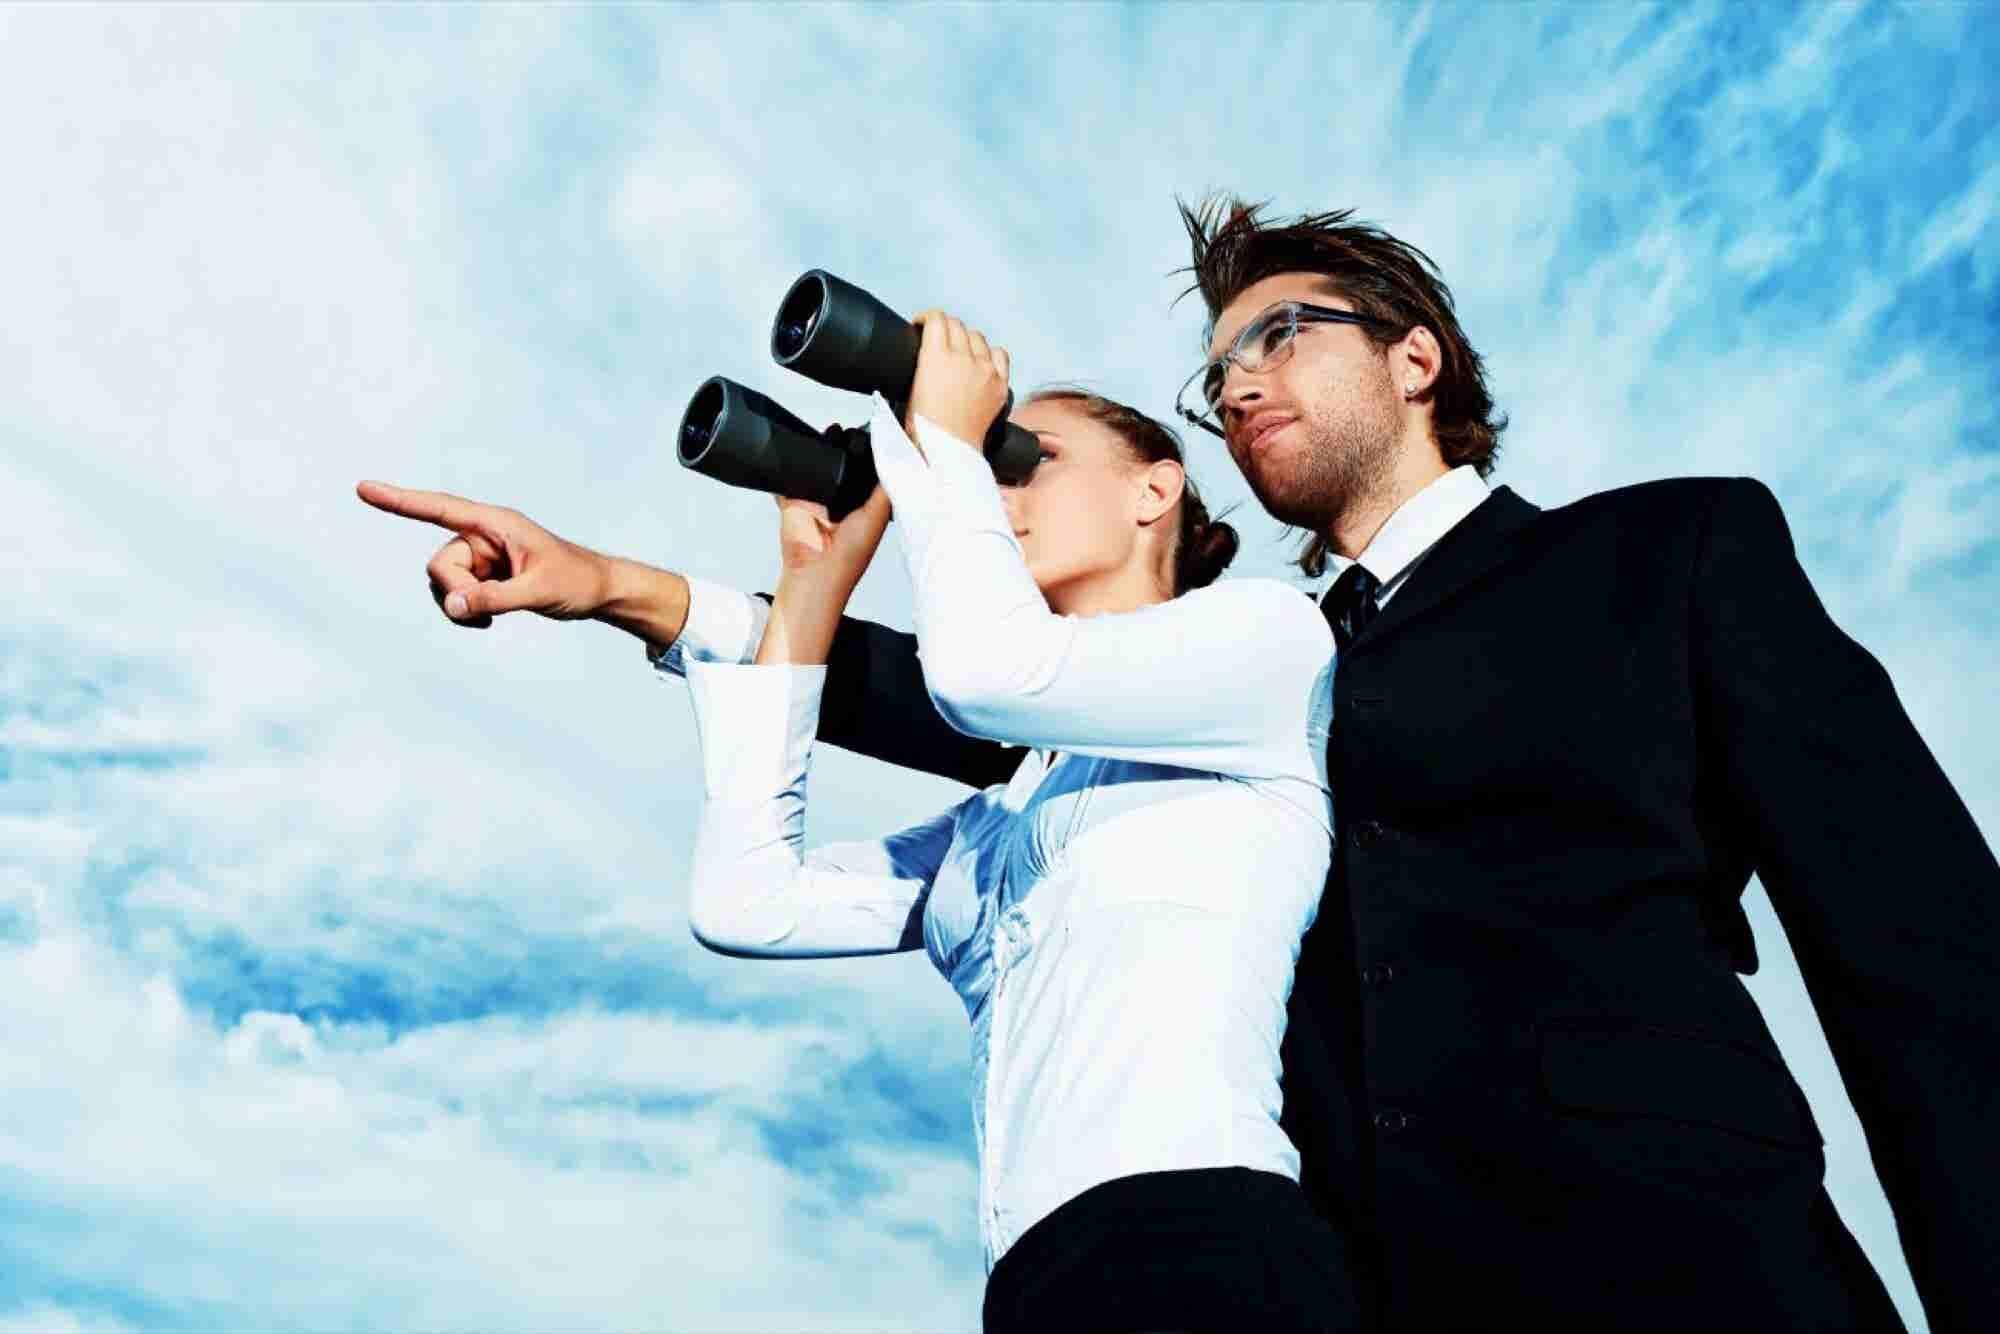 Estos son los 9 hábitos definitivos de los líderes exitosos